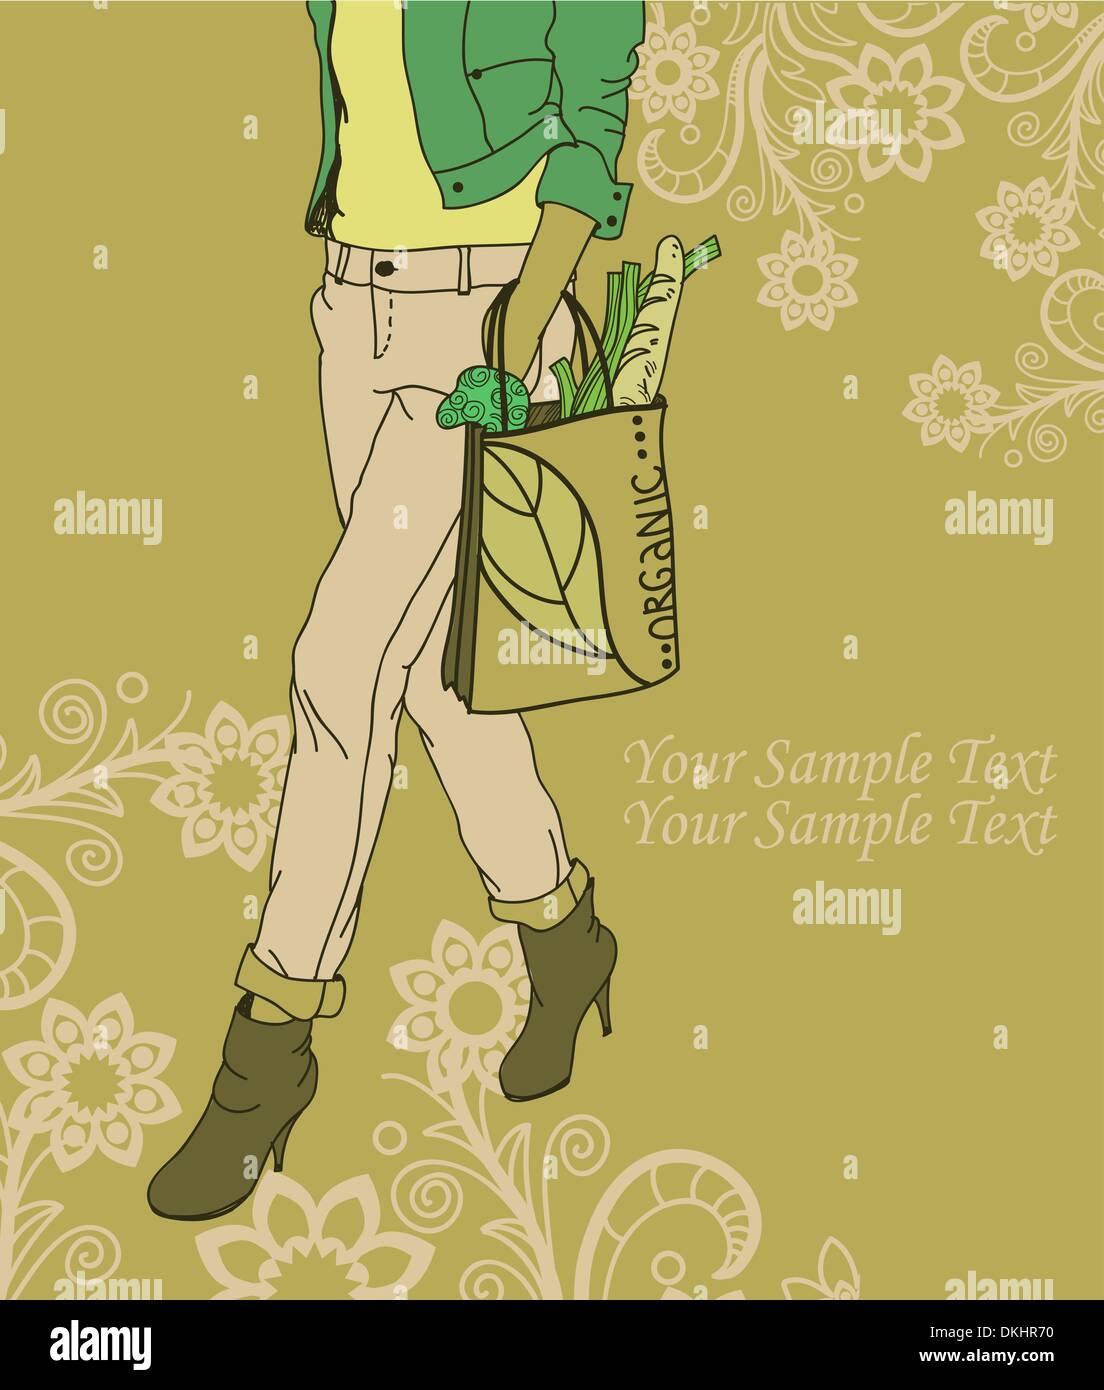 Mode-Mädchen mit einer Tasche von Bio-Produkten auf eine Blumenkarte Stockbild